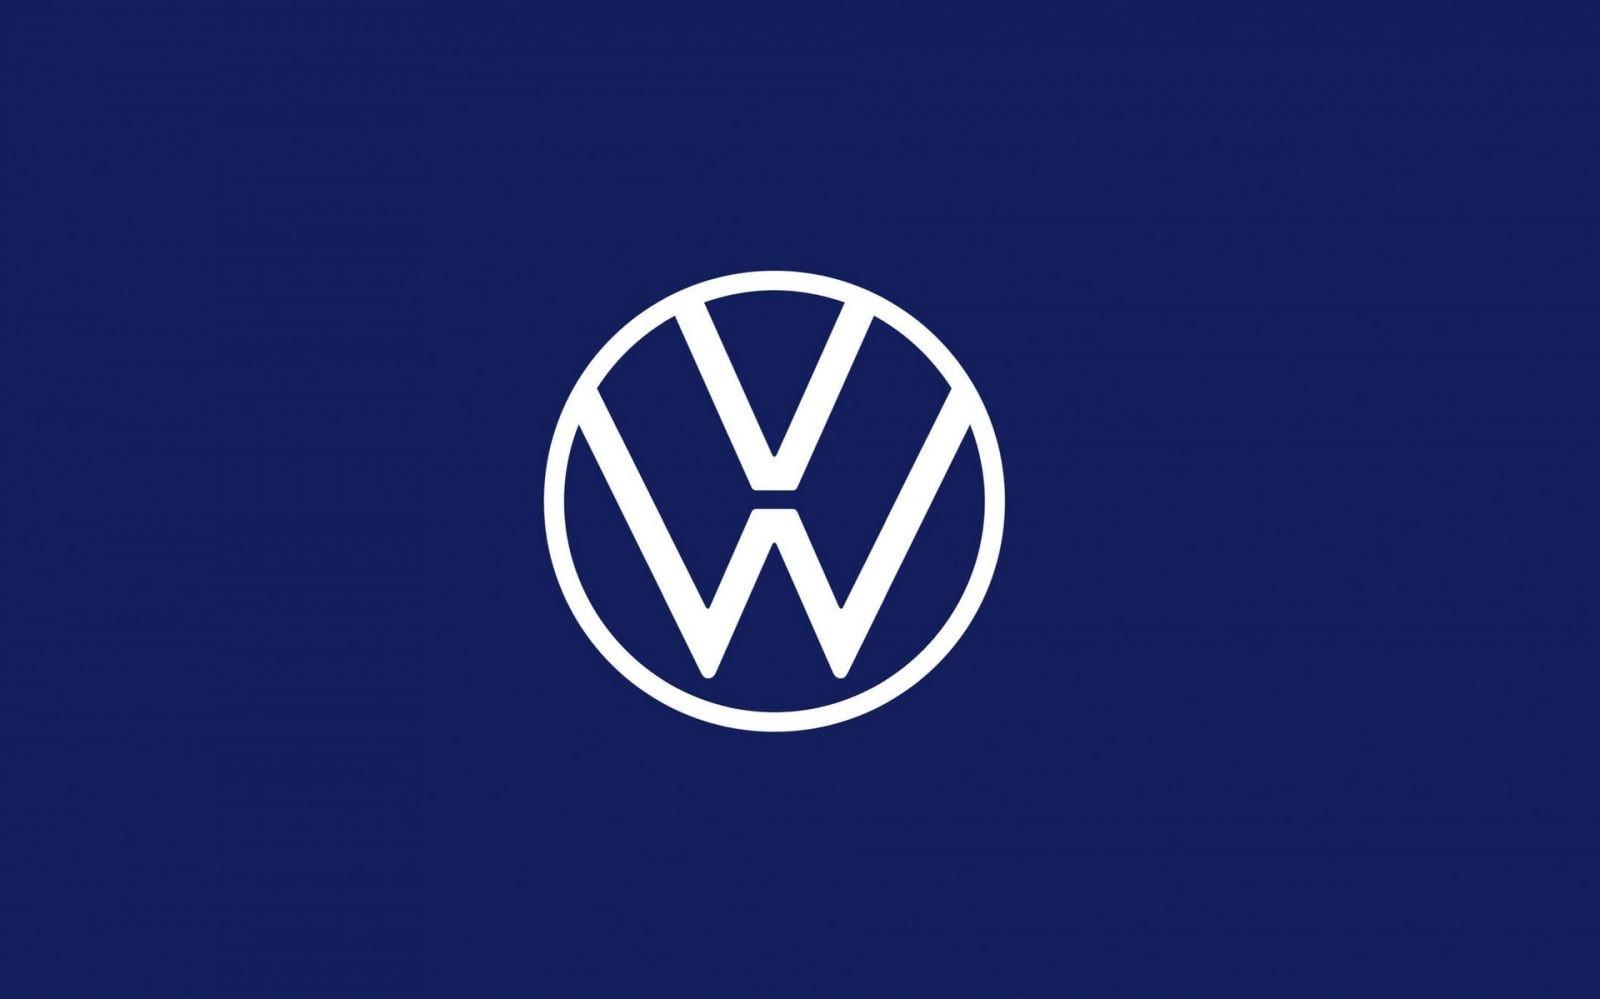 Volkswagen prévoit une hausse des coûts alors que le marché automobile est en pleine récession